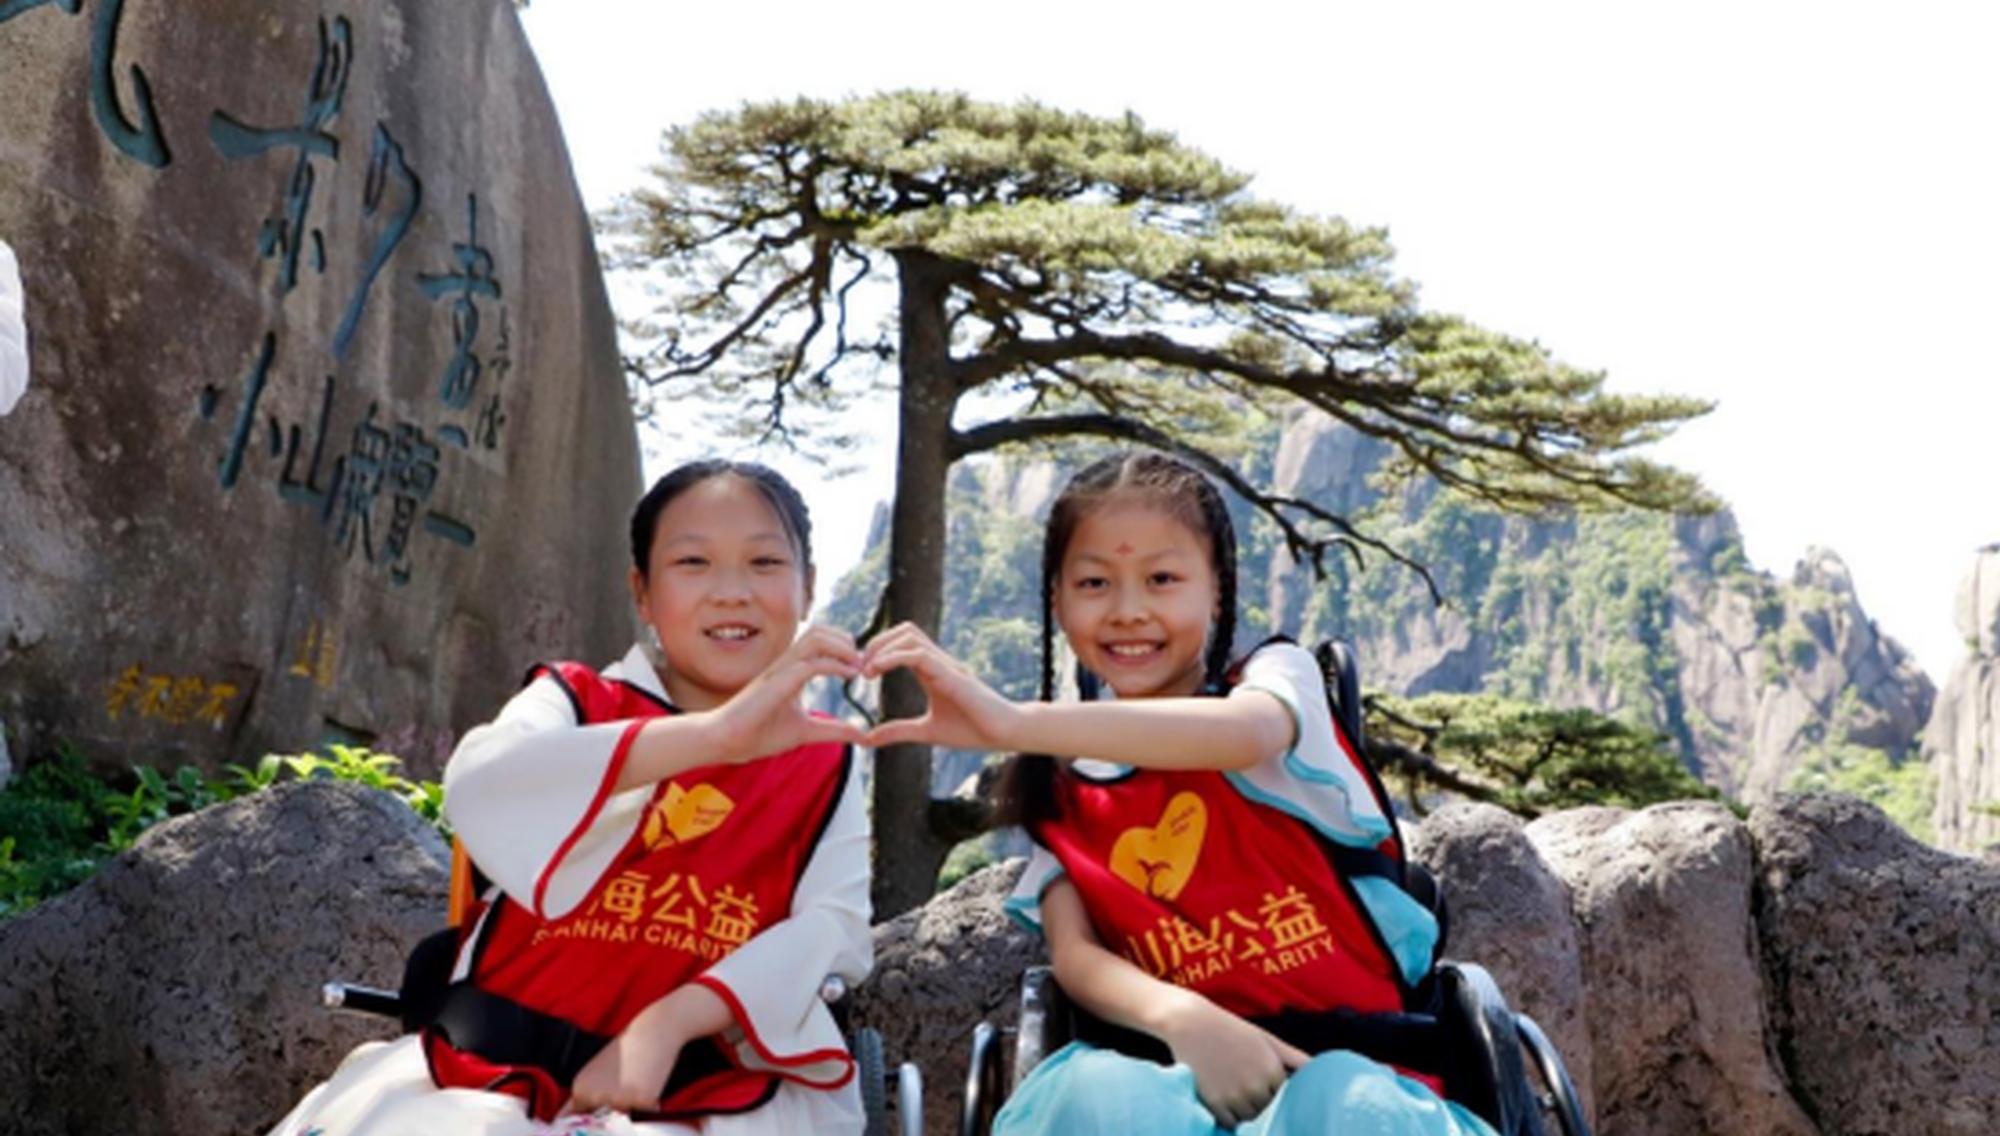 首届罕见病儿童轮椅登山公益活动在黄山举行